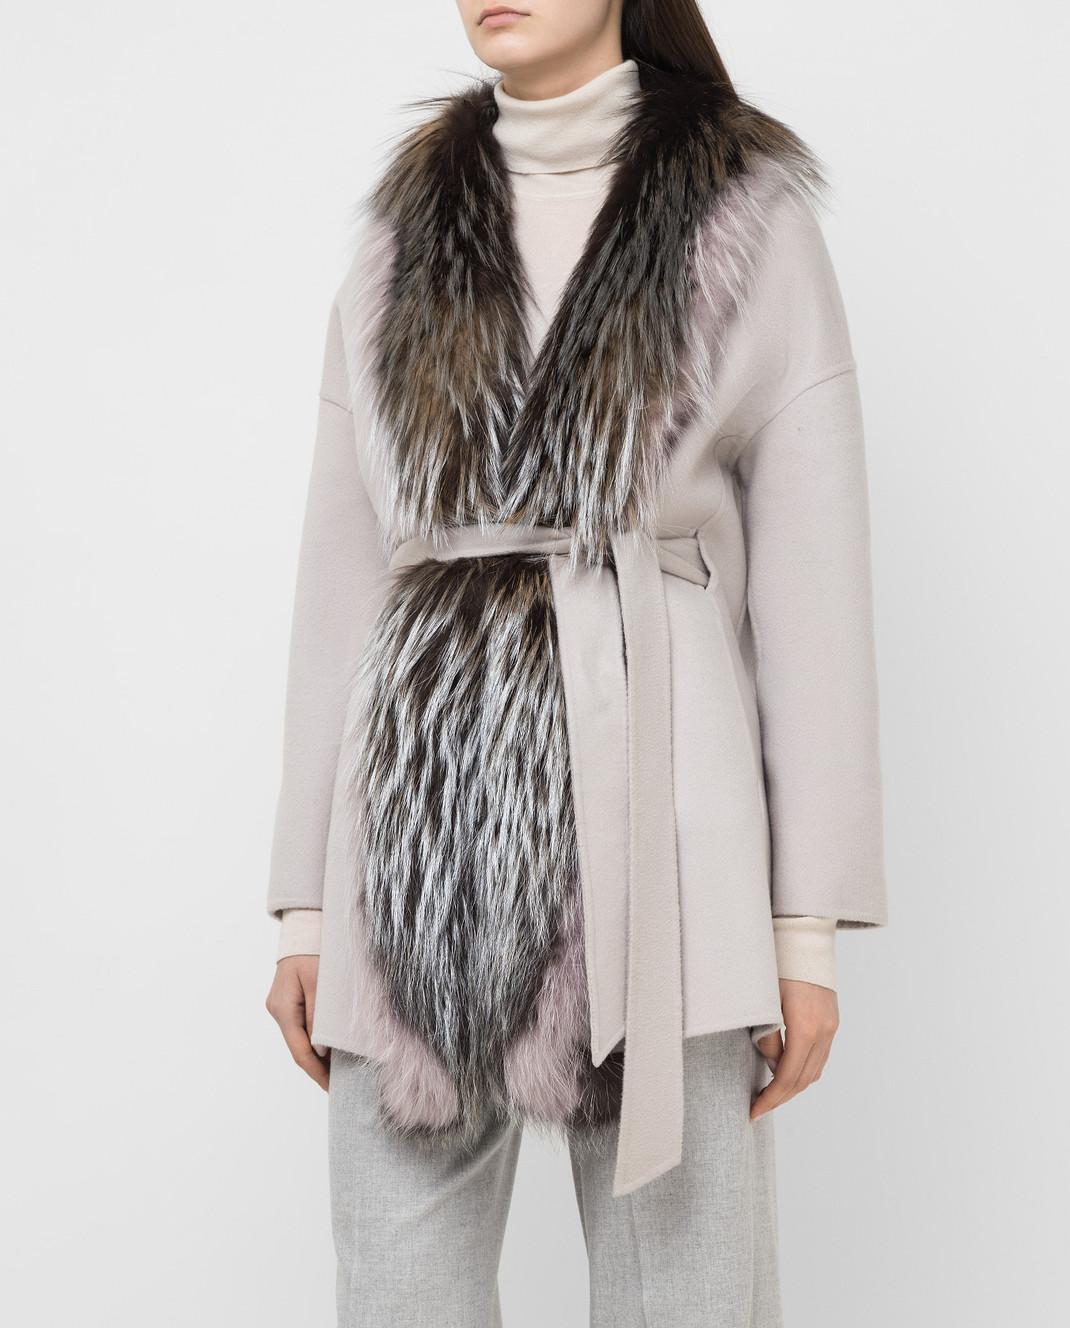 Rindi Серое пальто из кашемира с мехом лисы 298TE017 изображение 3